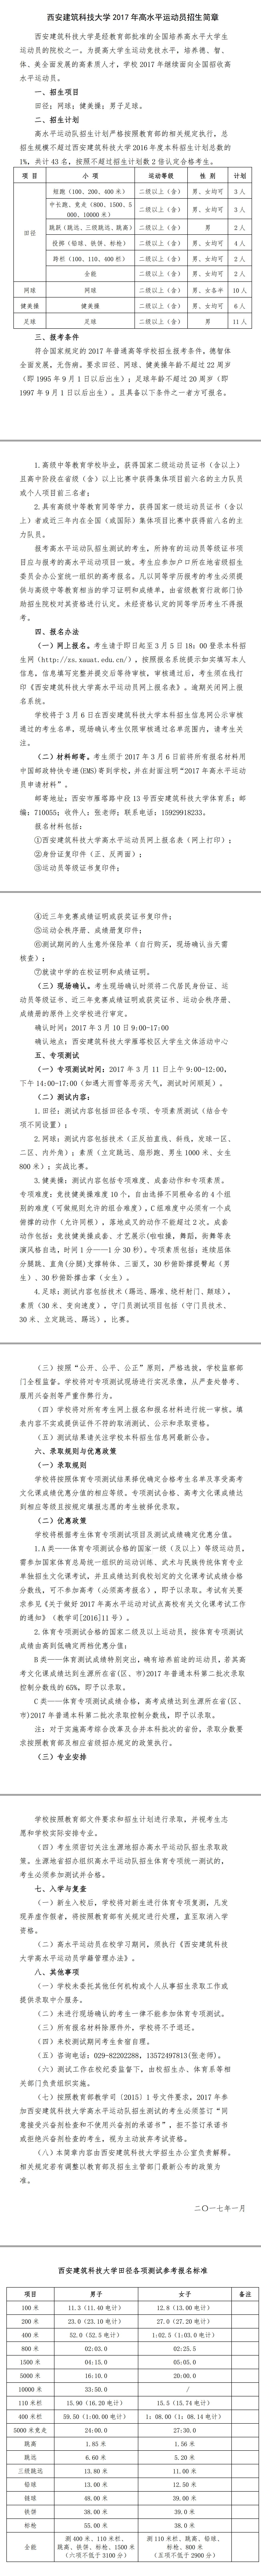 西安建筑科技大学2017高水平运动员招生简章